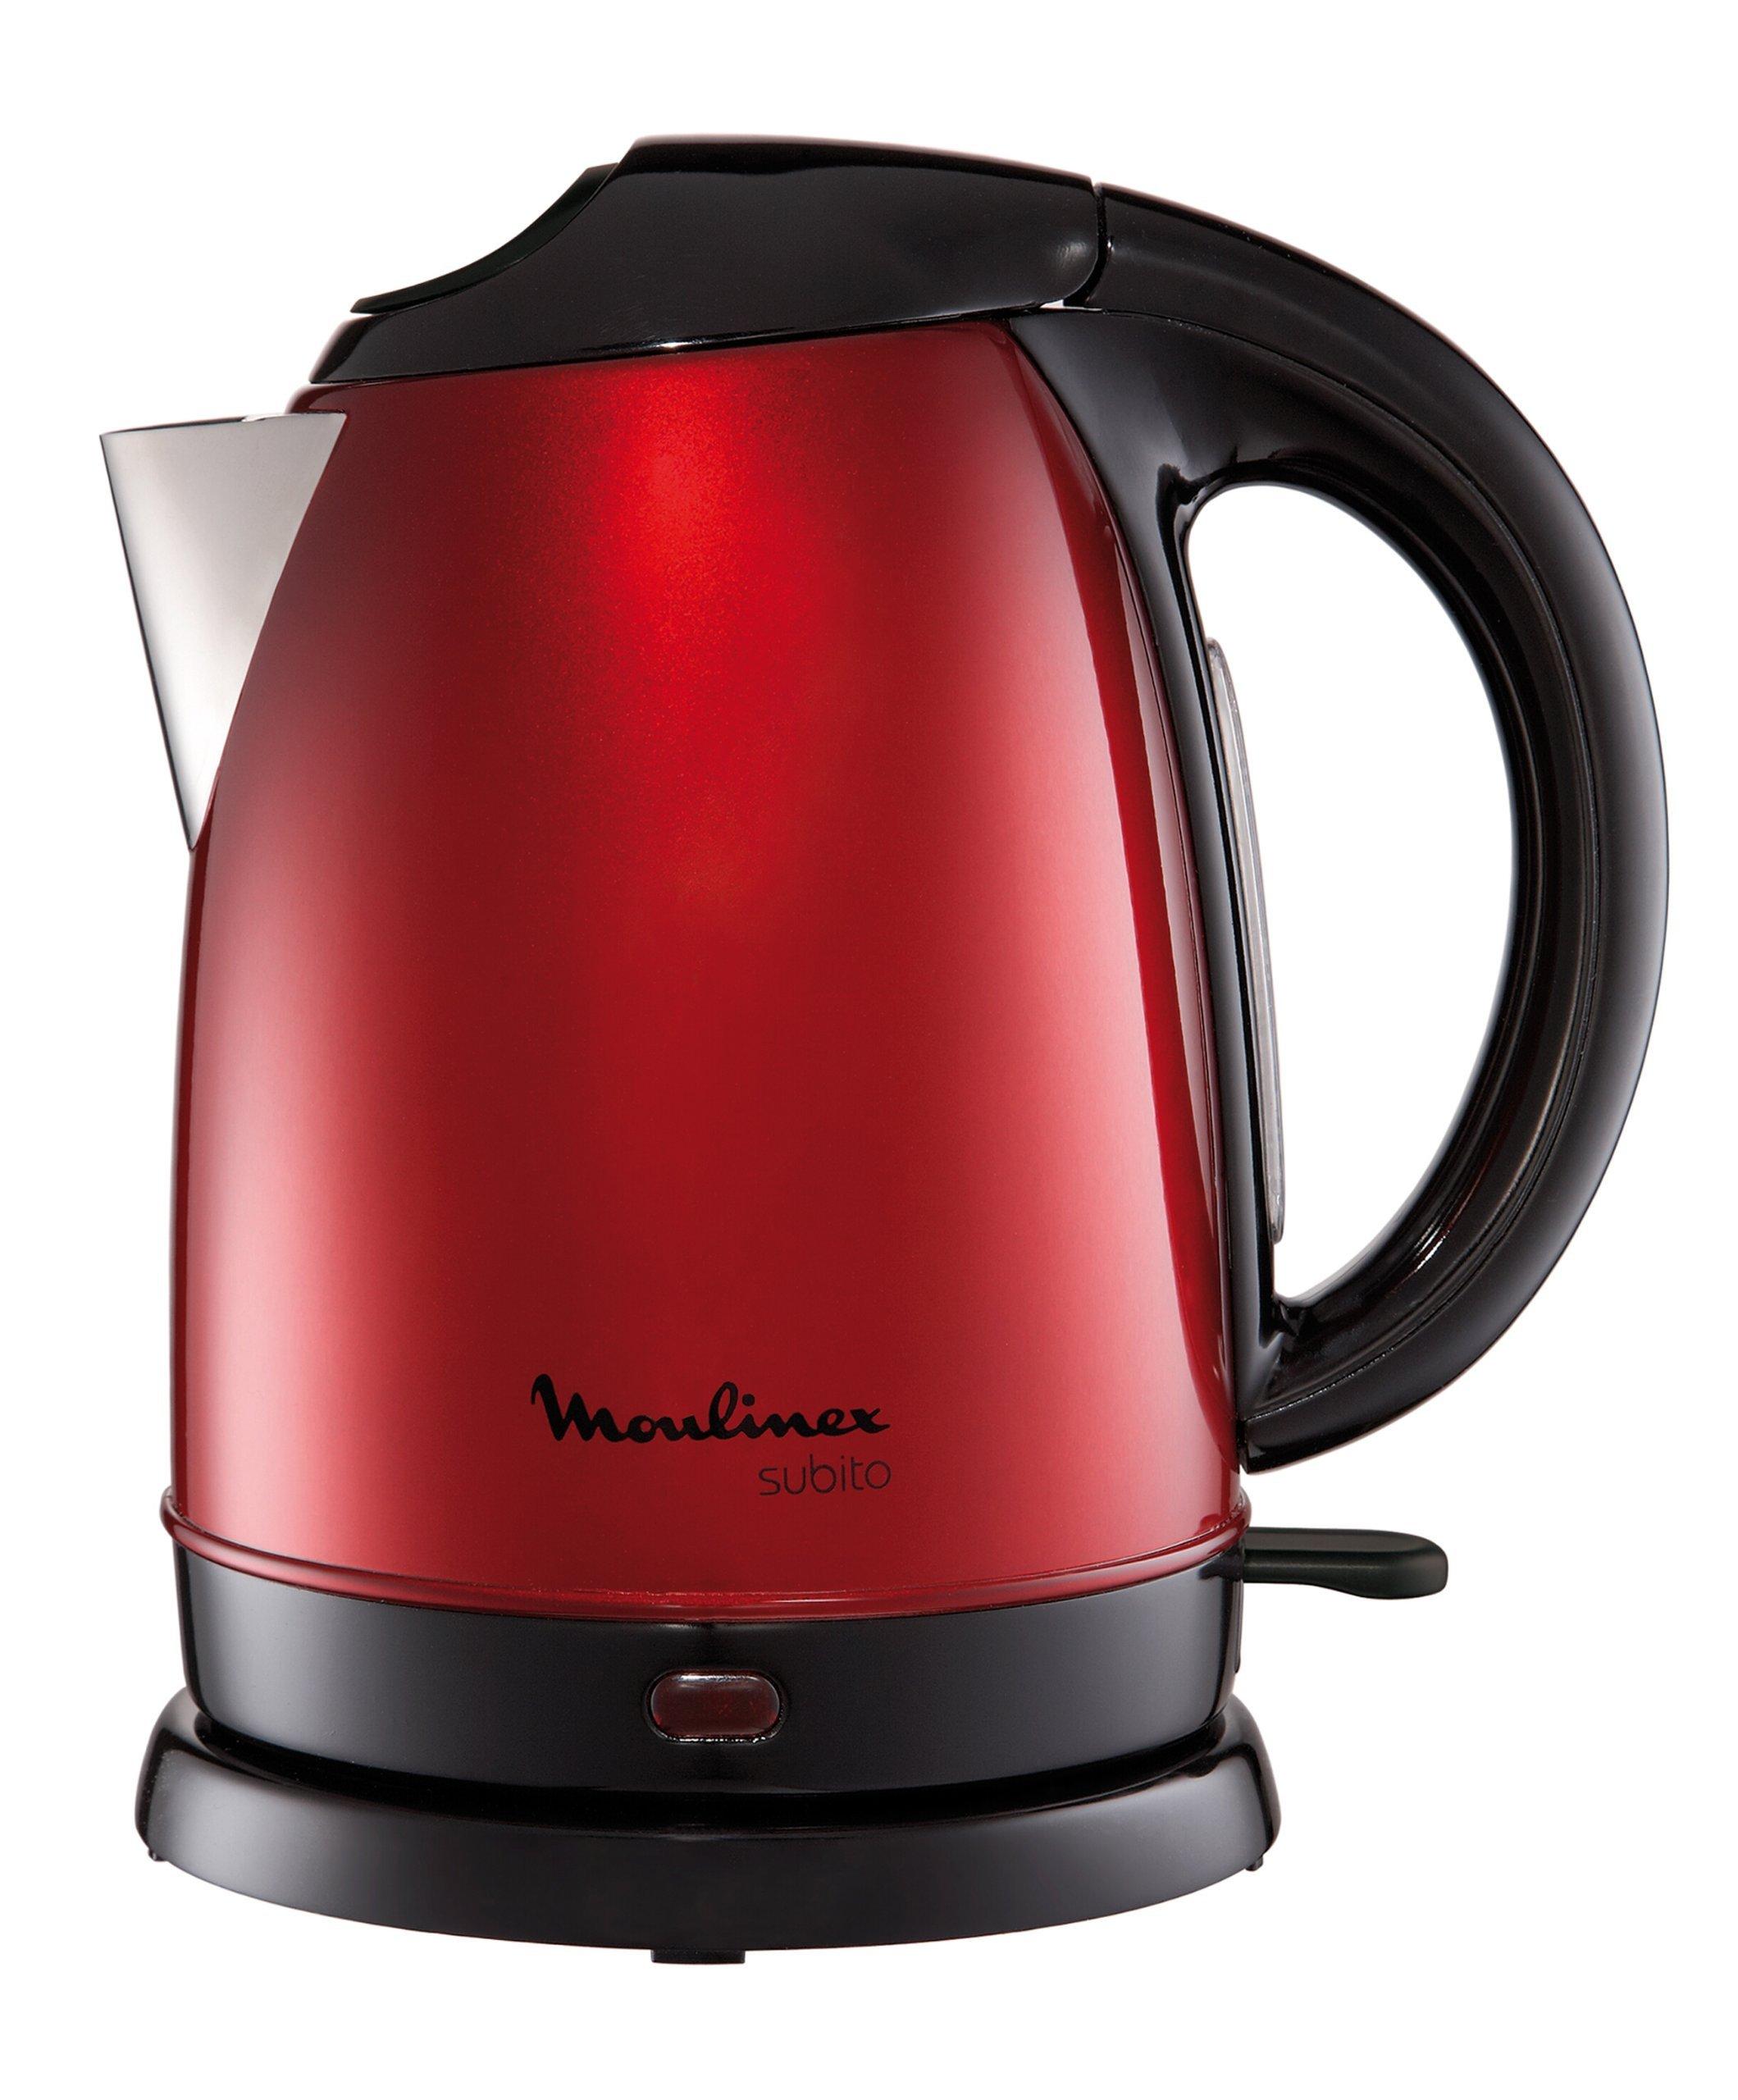 Moulinex-BY5305-Wasserkocher-Subito-17-l-2400-Watt-metallic-rot